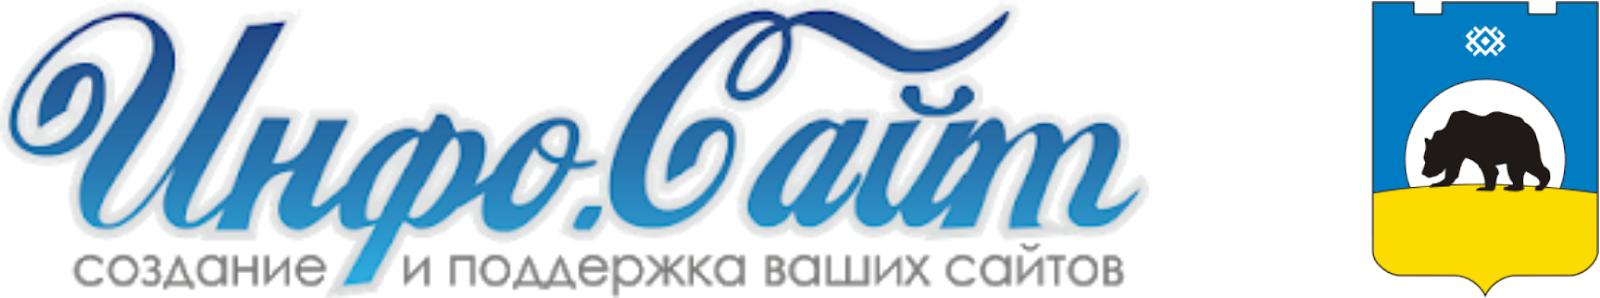 Лянтор 🌍 Новости : Информационный агрегатор Инфо-Сайт